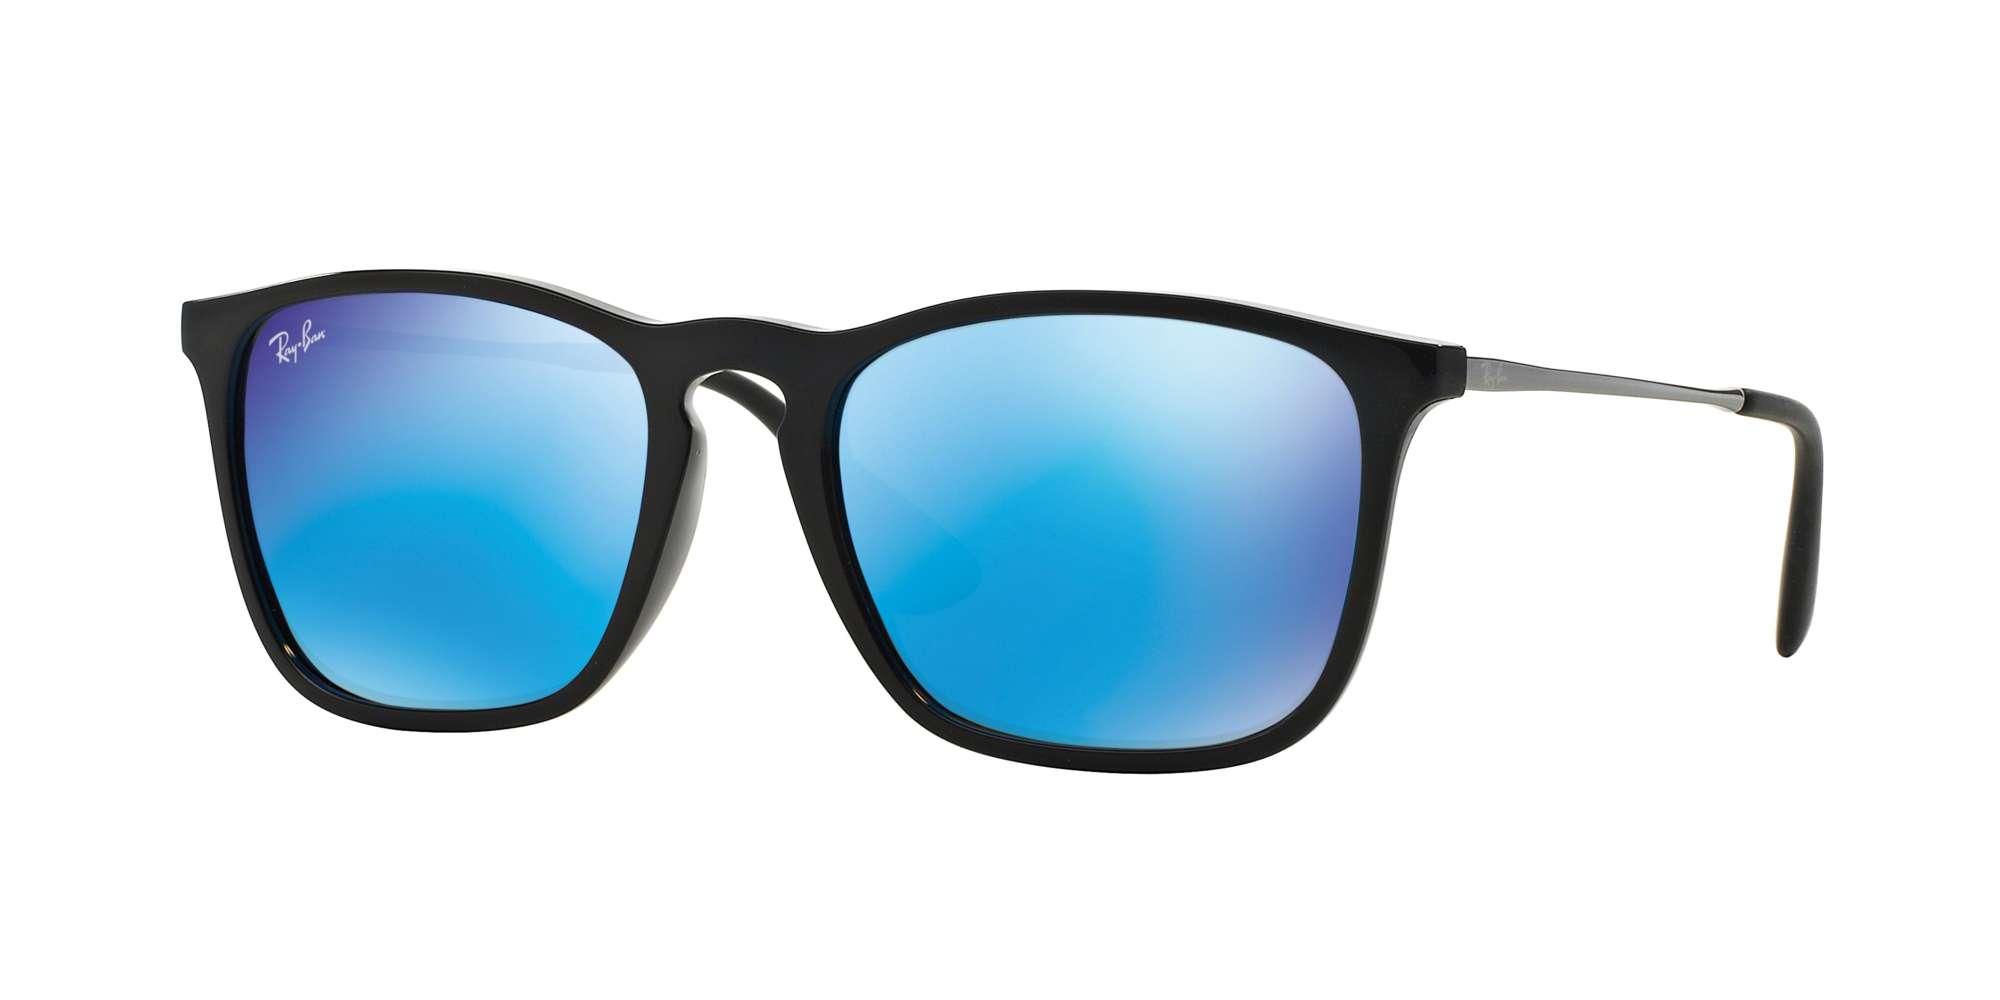 BLACK / LIGHT GREEN MIRROR BLUE lenses